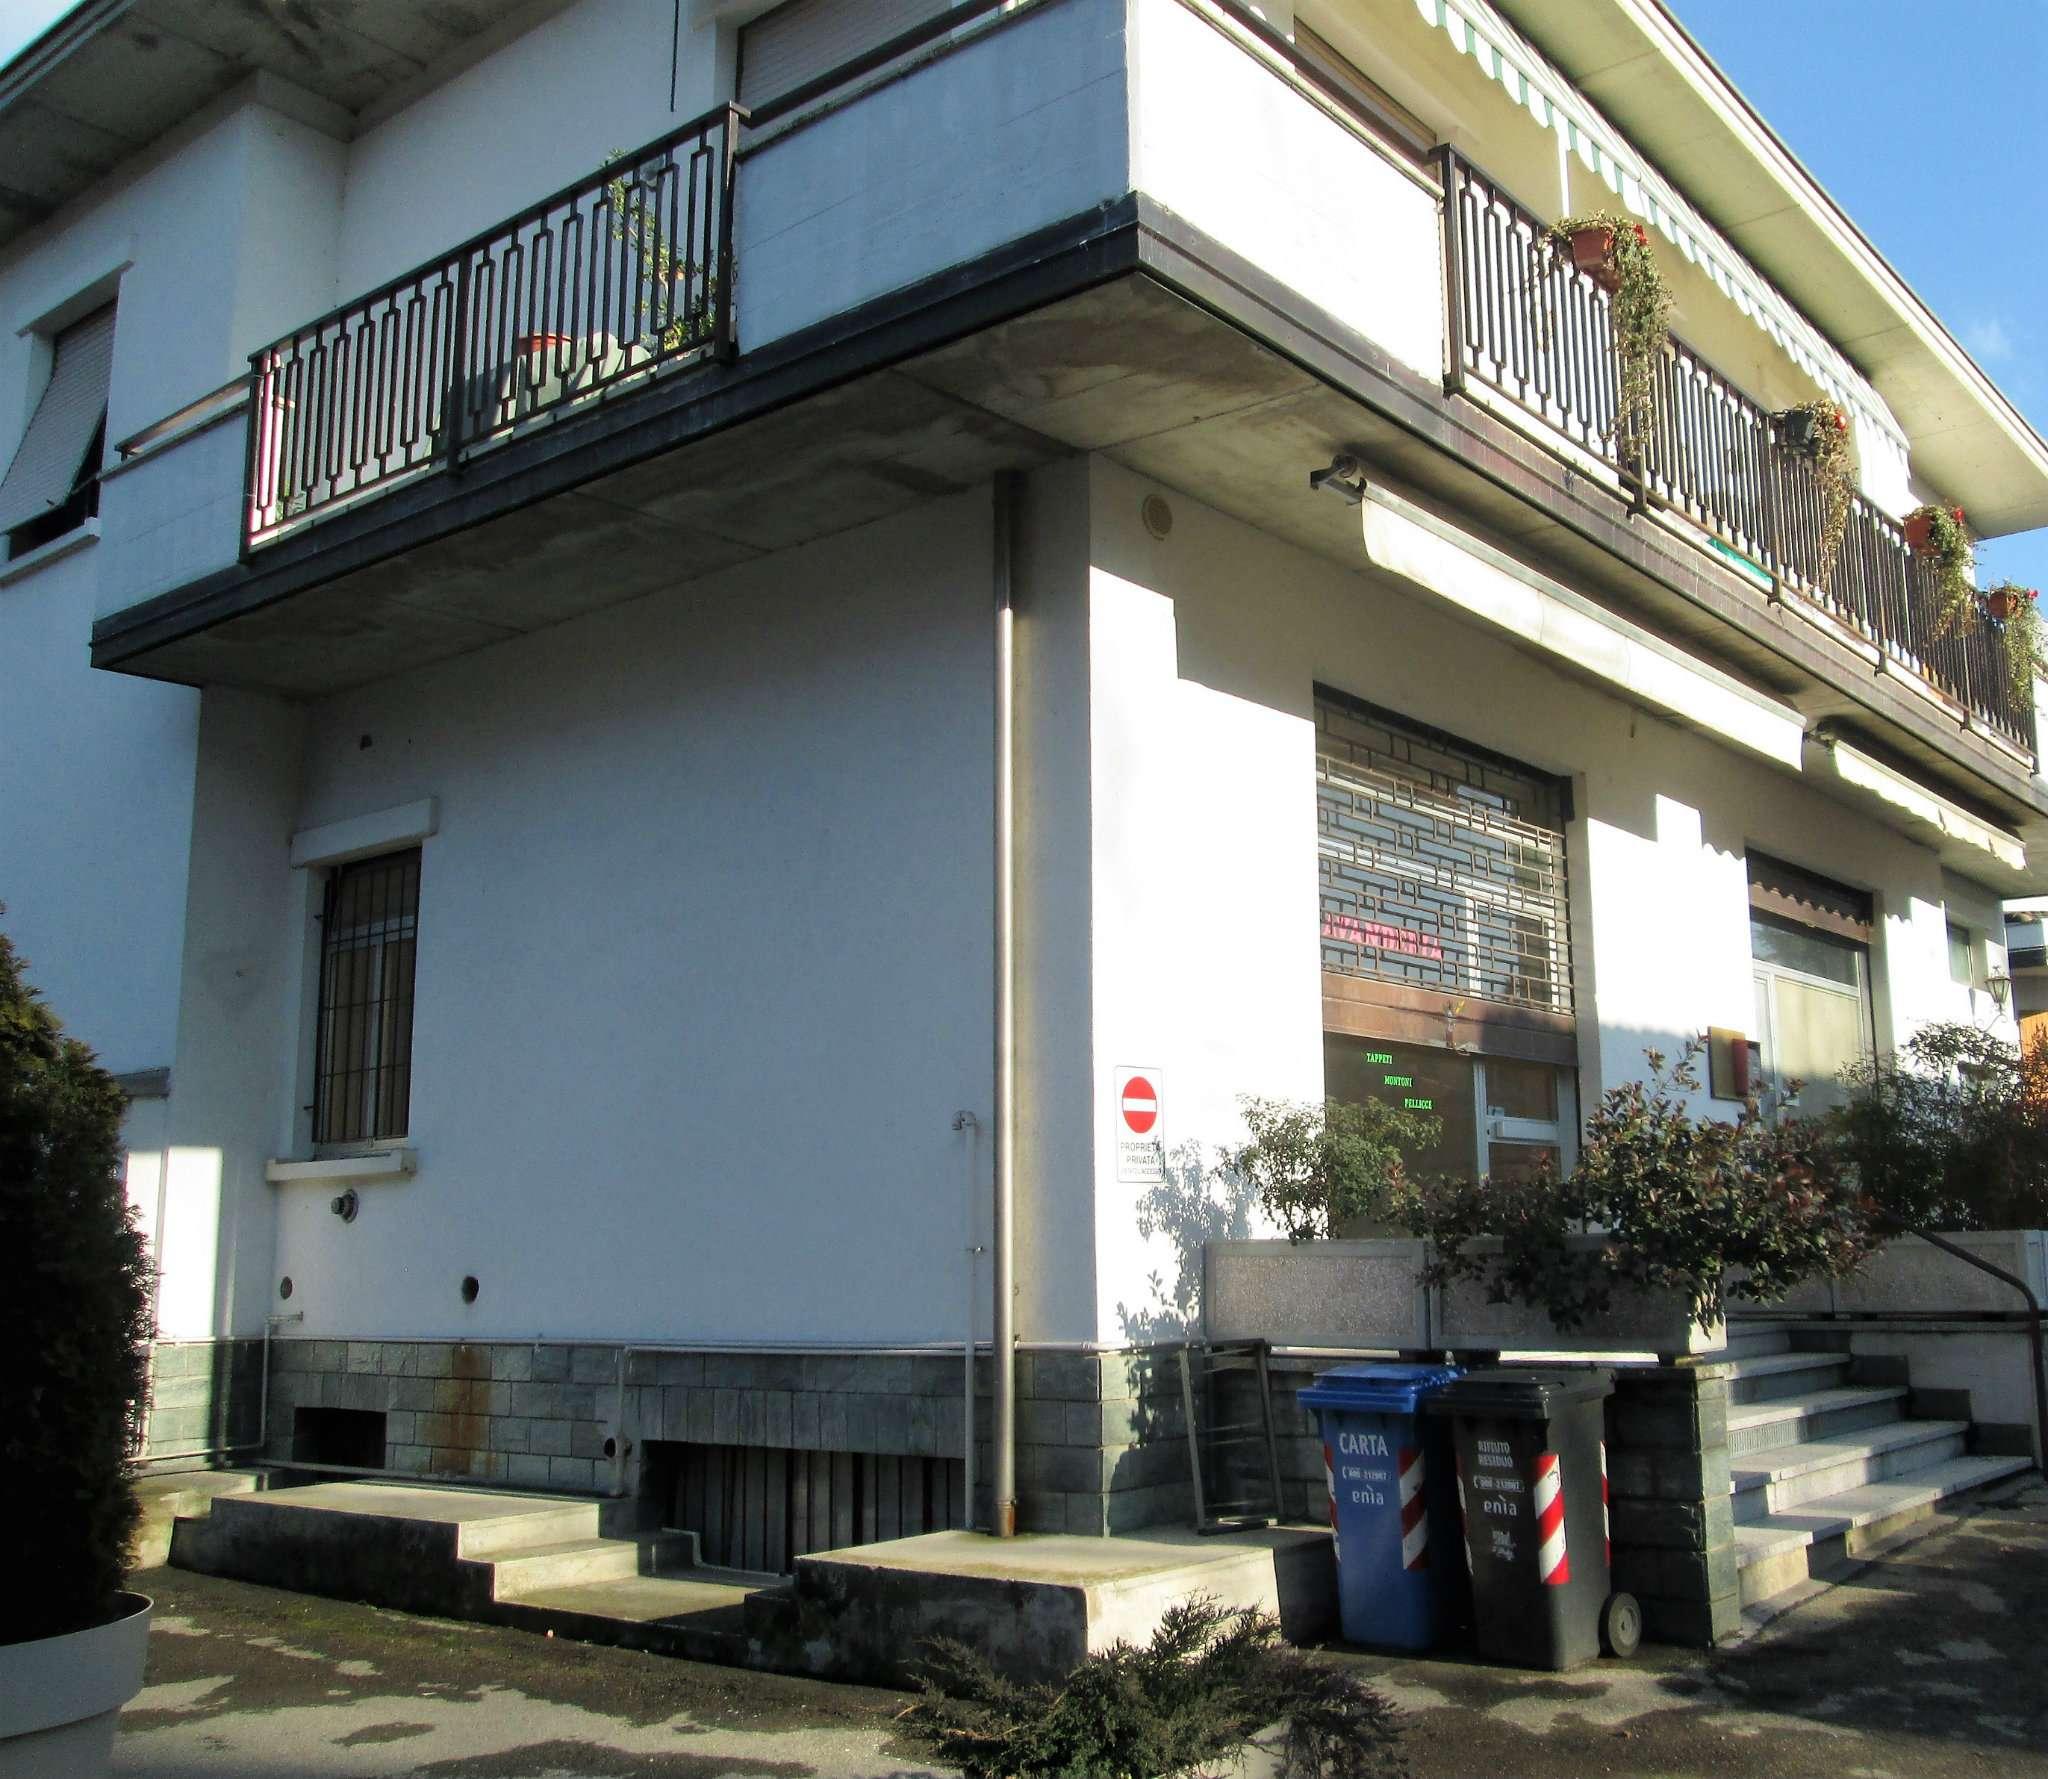 Laboratorio in affitto a Collecchio, 1 locali, prezzo € 450 | CambioCasa.it